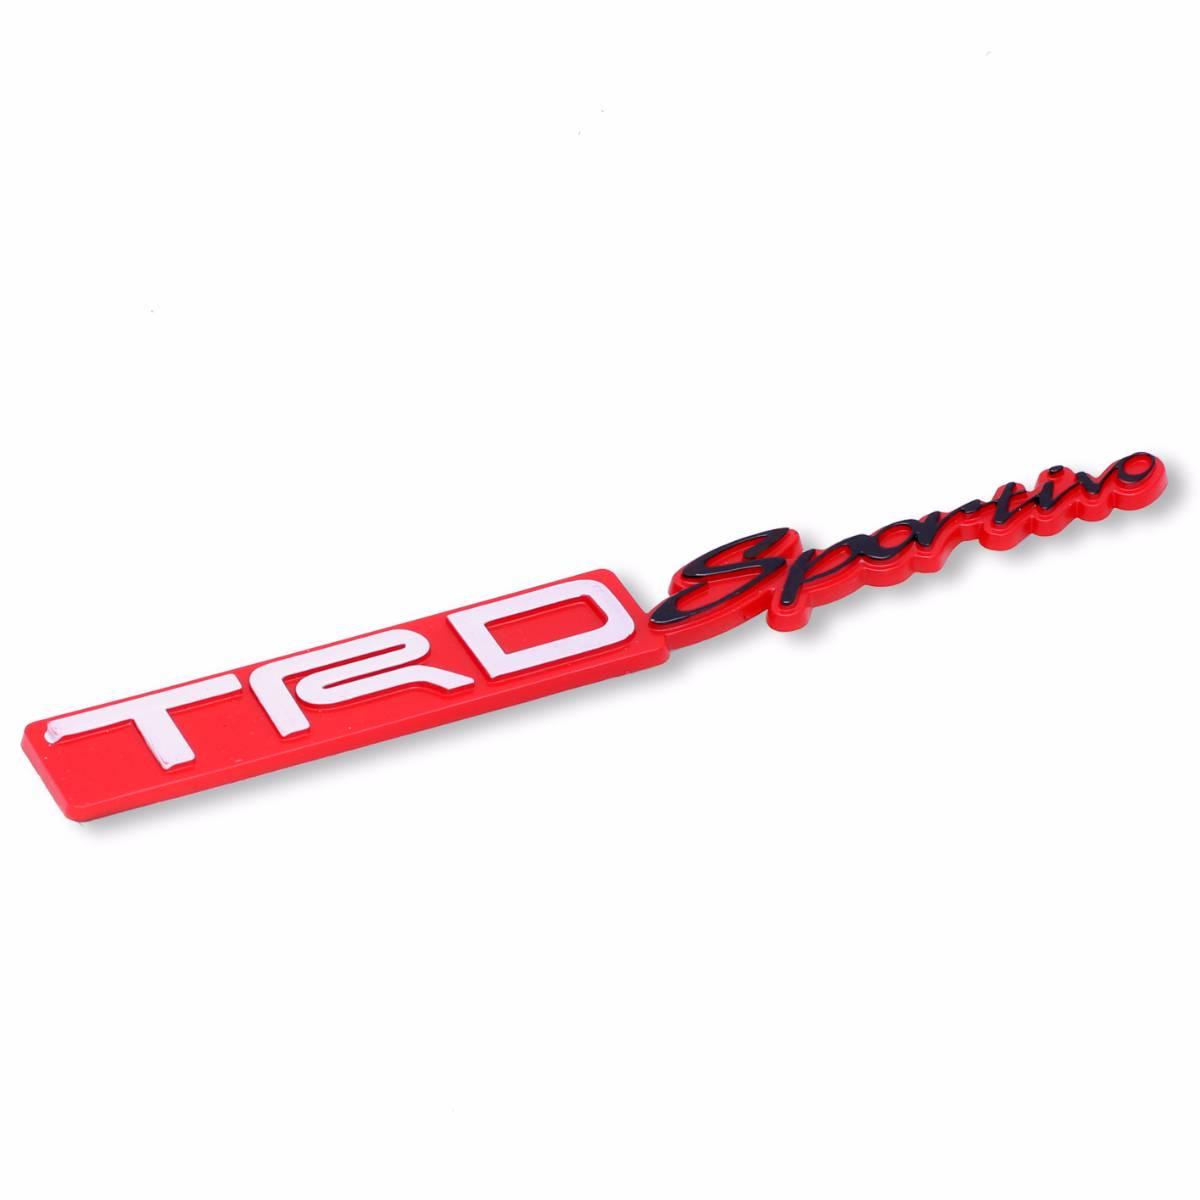 Emblem Logo Trd Sportivo - Embose Red